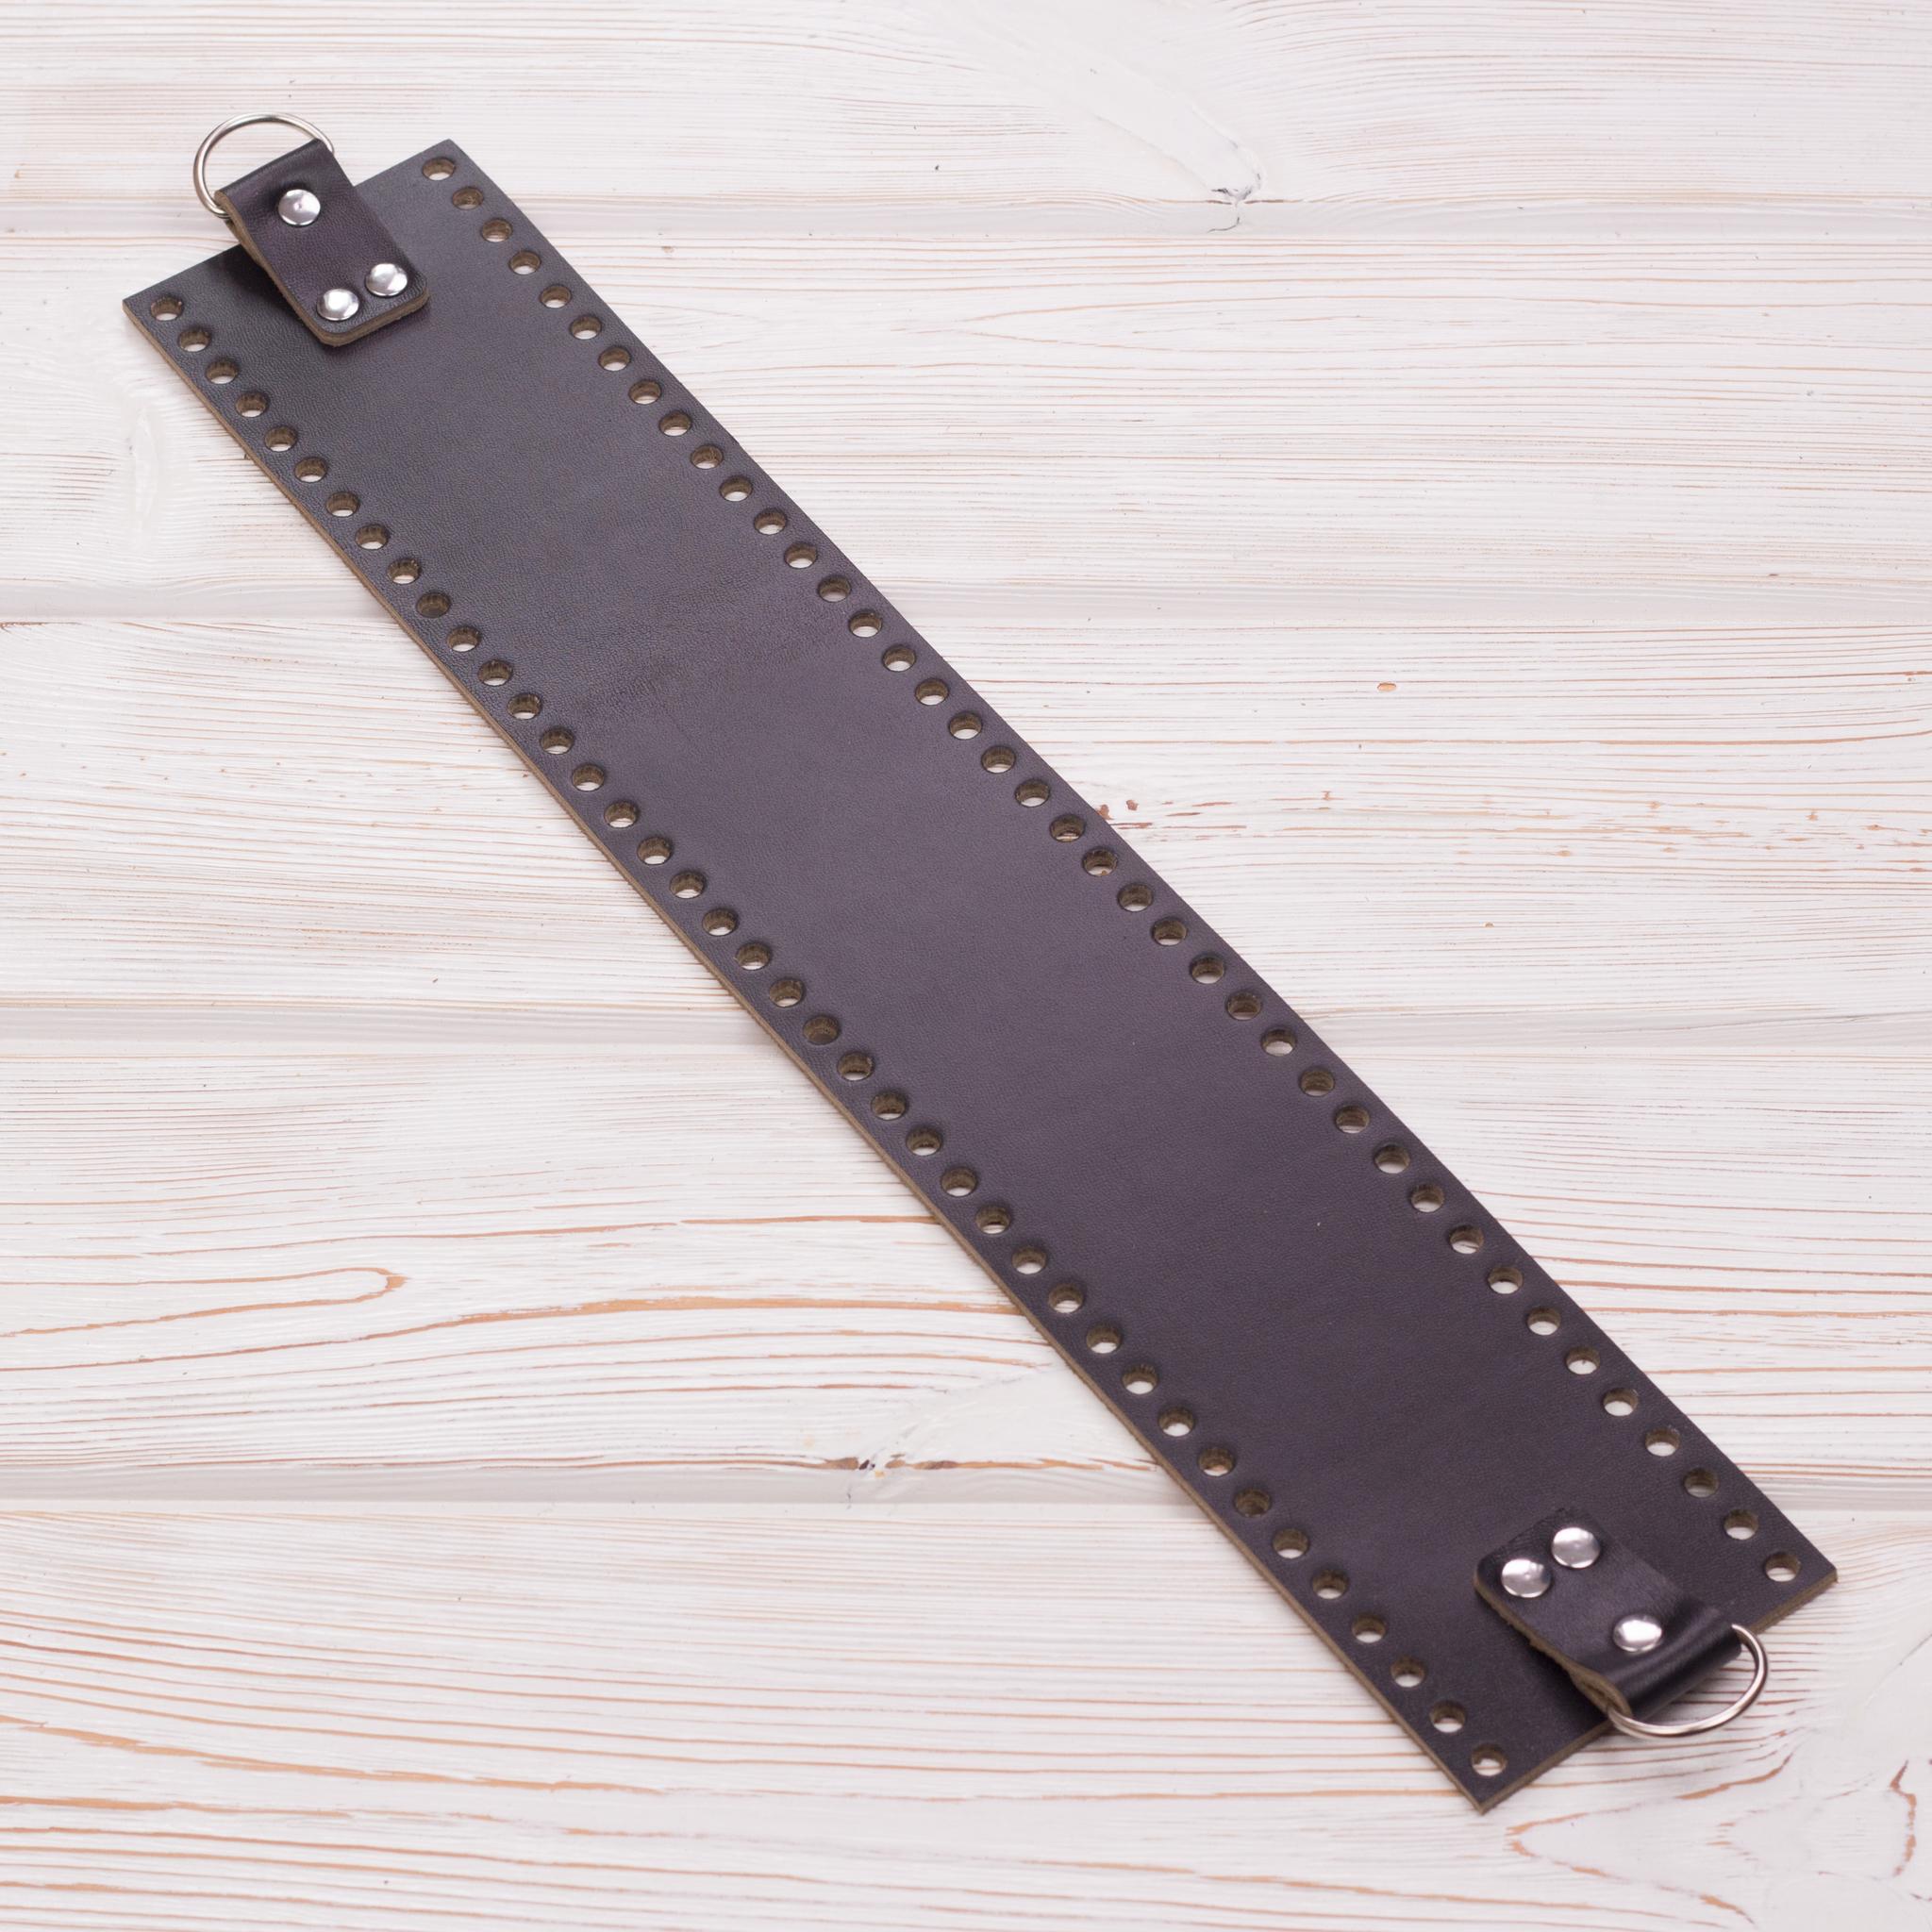 Вся фурнитура Боковая часть для сумки черная широкая 4мм IMG_3760.jpg